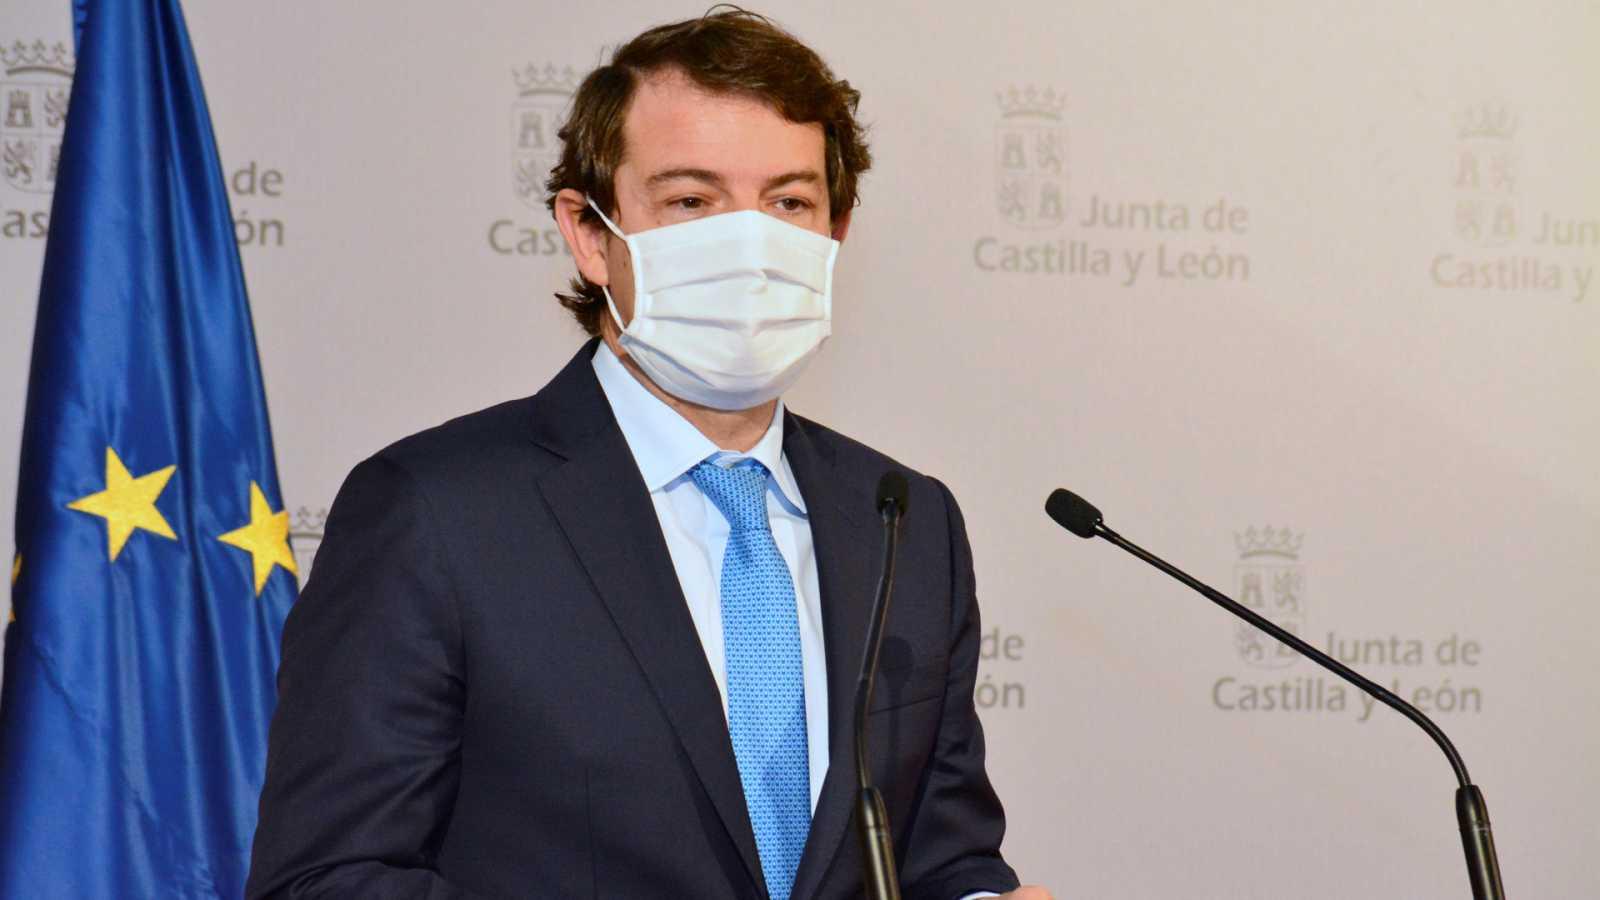 14 horas Fin de Semana - Los sindicatos médicos de Castilla y León piden la dimisión de Mañueco por el decreto de reordenación del personal sanitario - Escuchar ahora